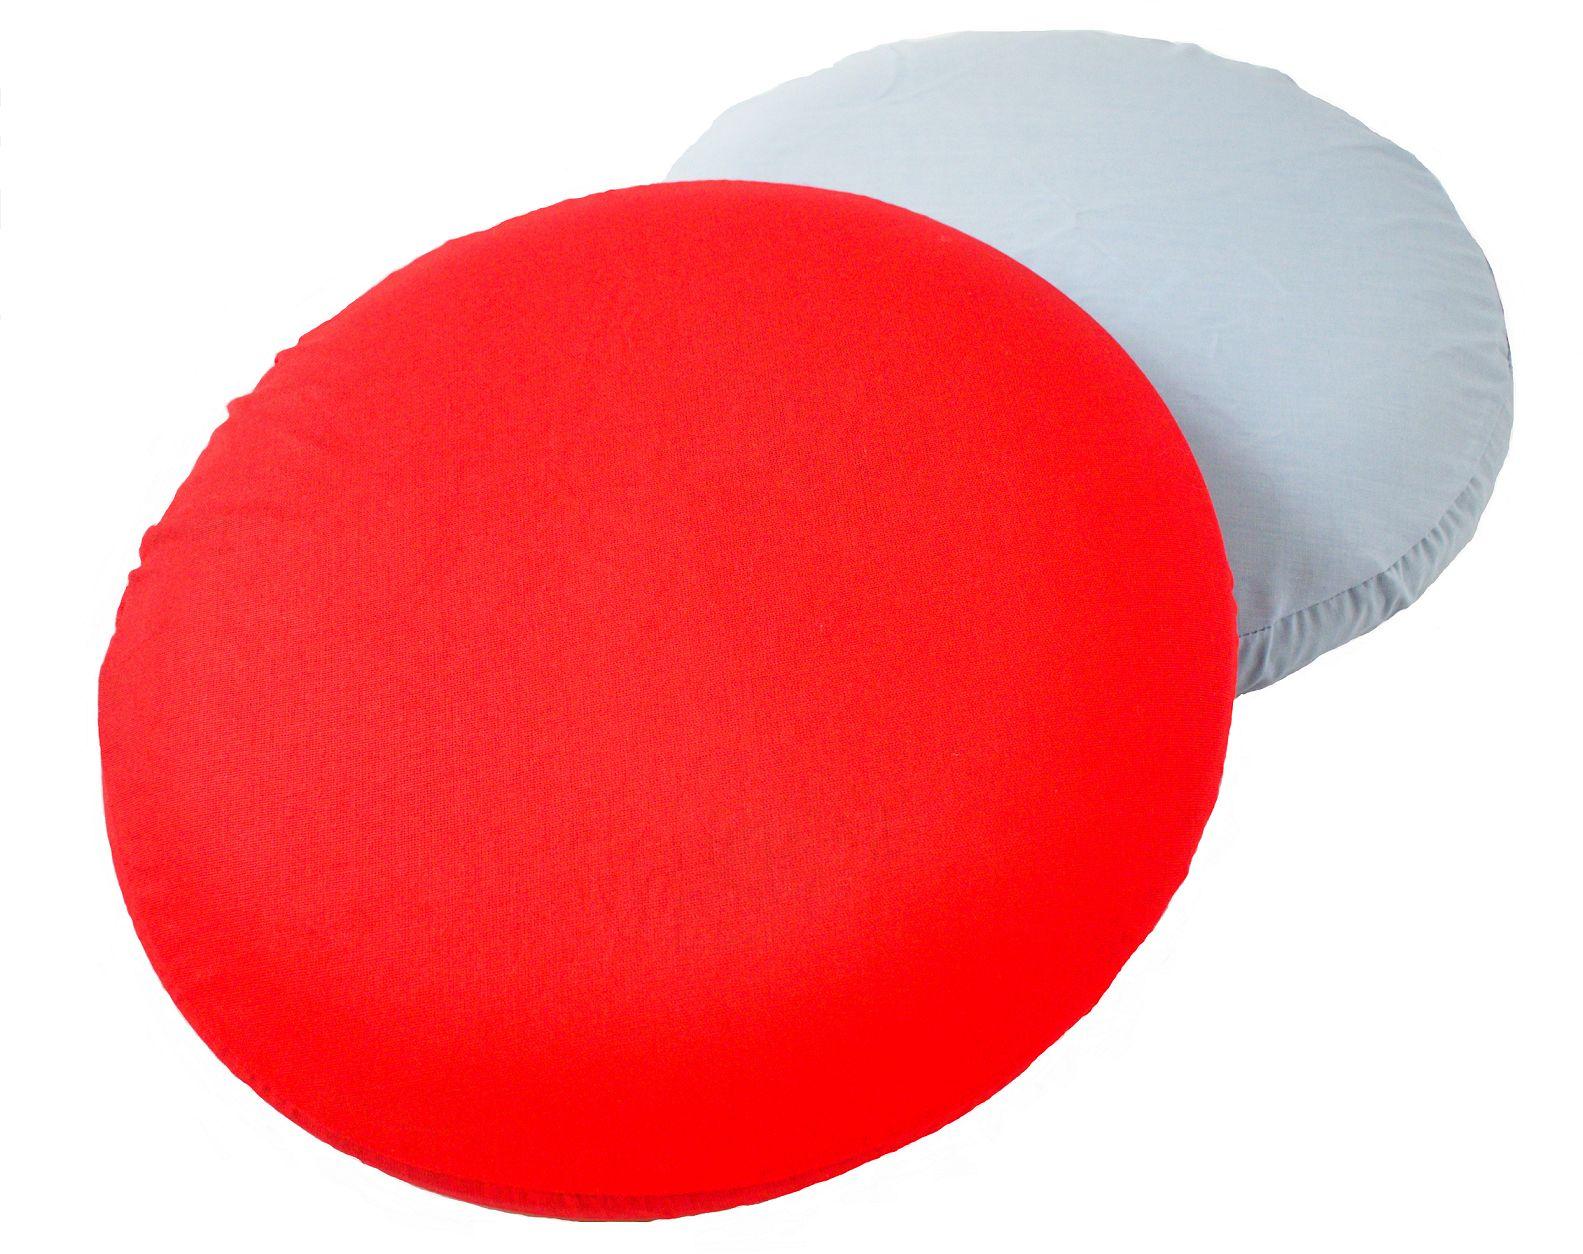 Bawełniany pokrowiec na dysk pneumatyczny do siedzenie (disc cover)